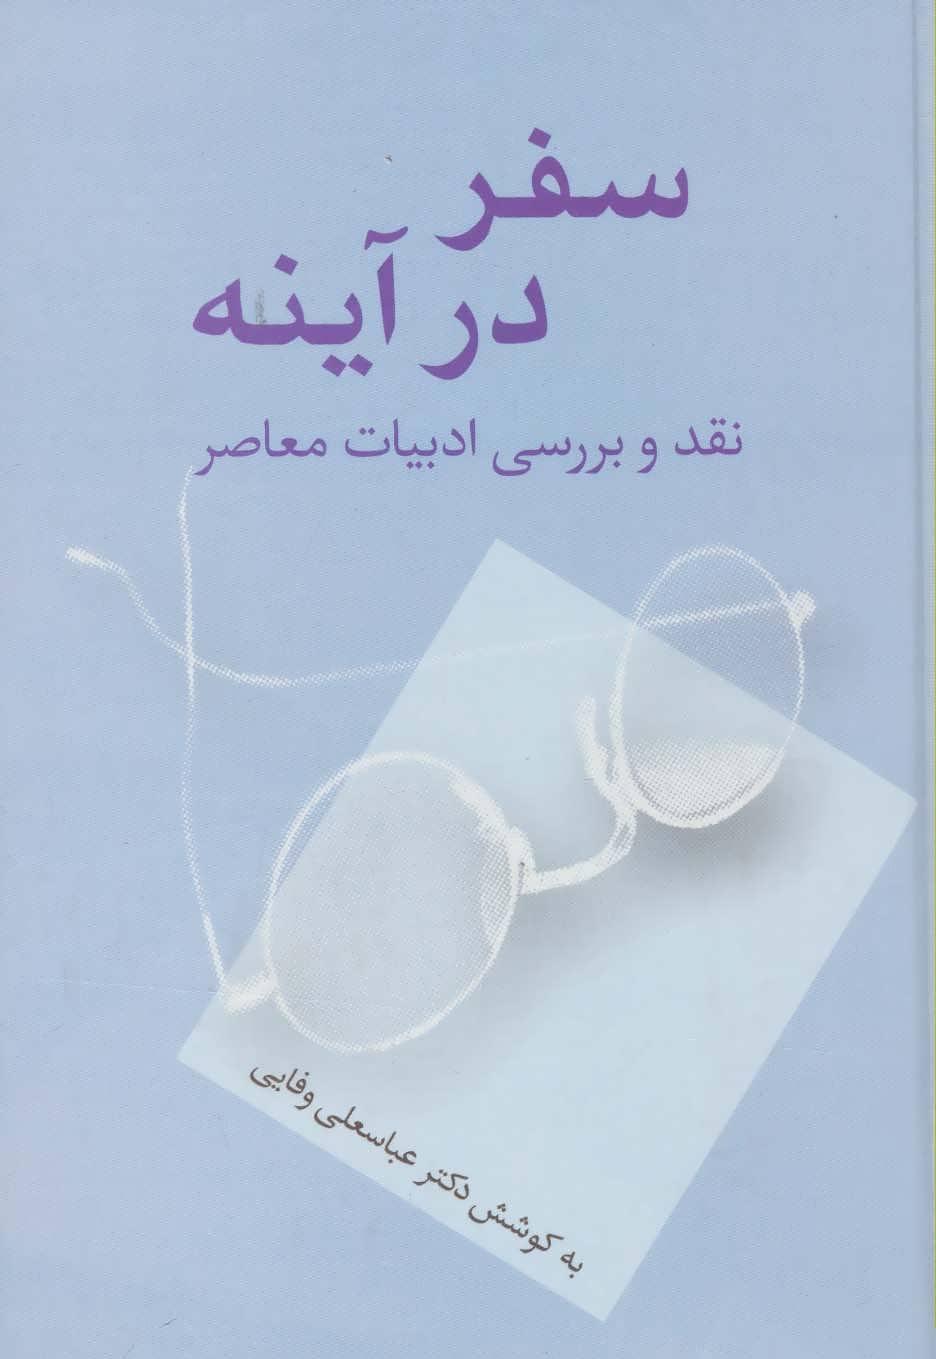 کتاب سفر در آینه: نقد و بررسی ادبیات معاصر